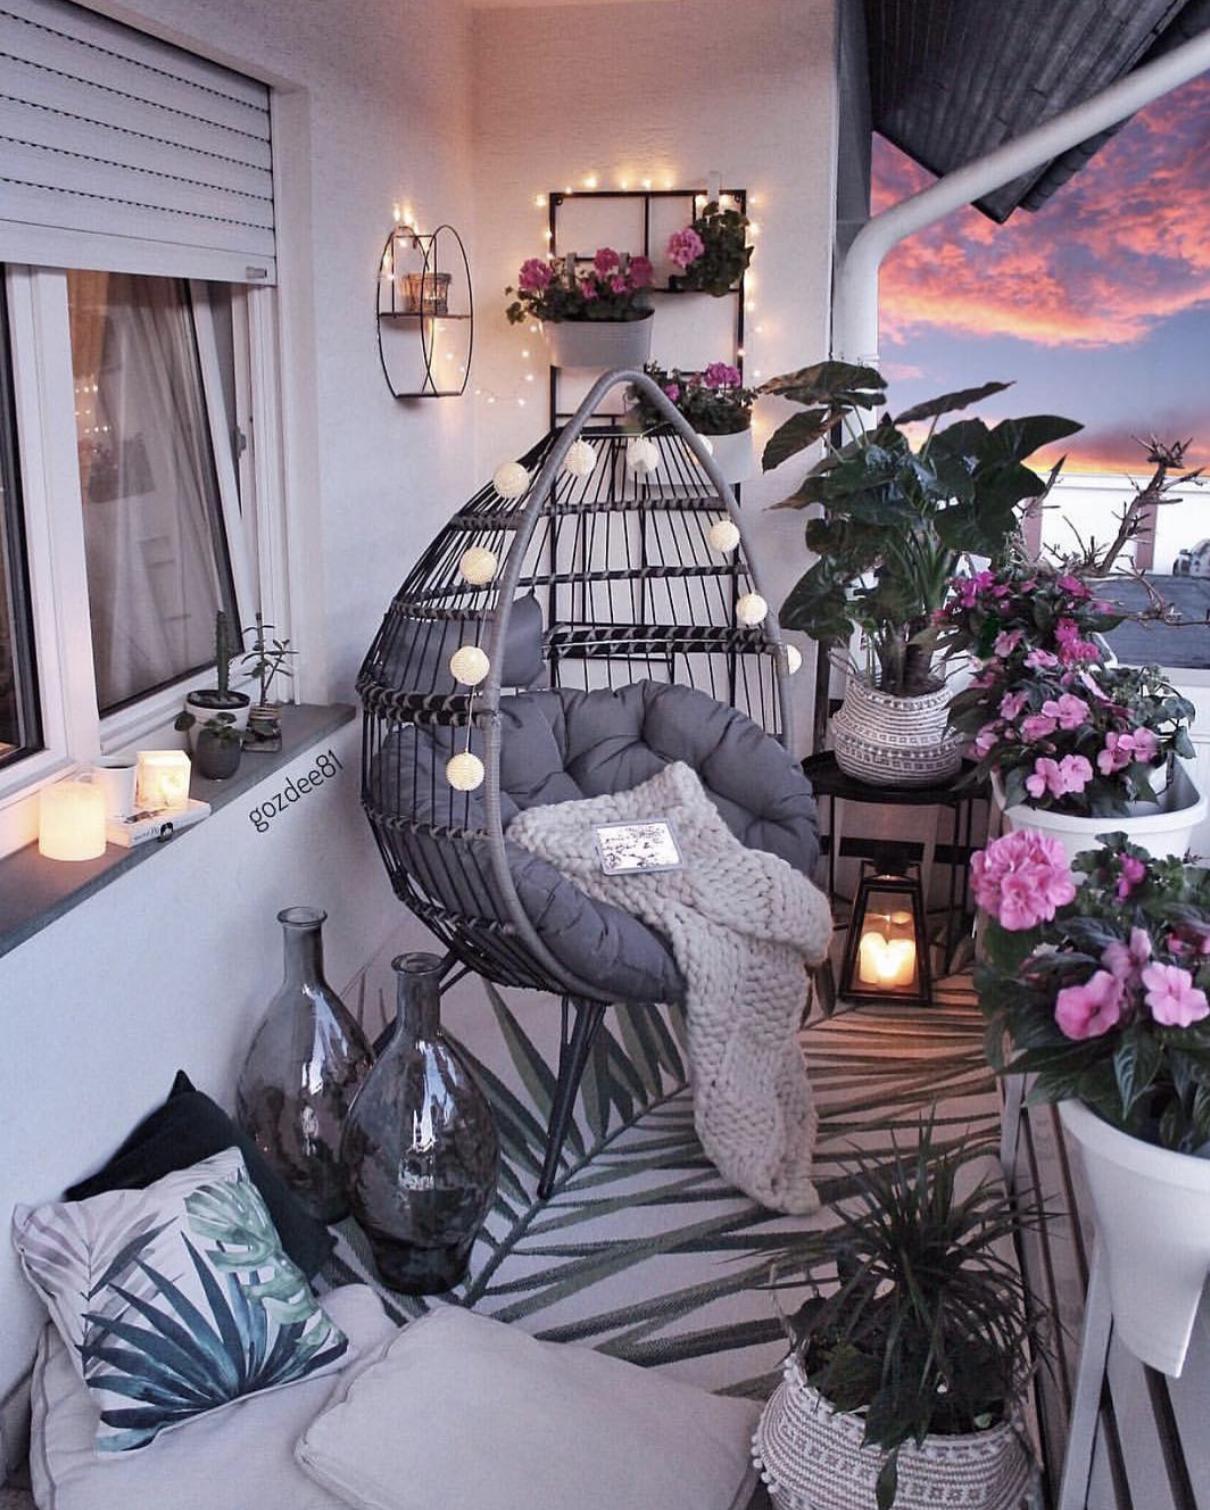 Epingle Par Sarah X Sur Deco En 2020 Decoration Appartement